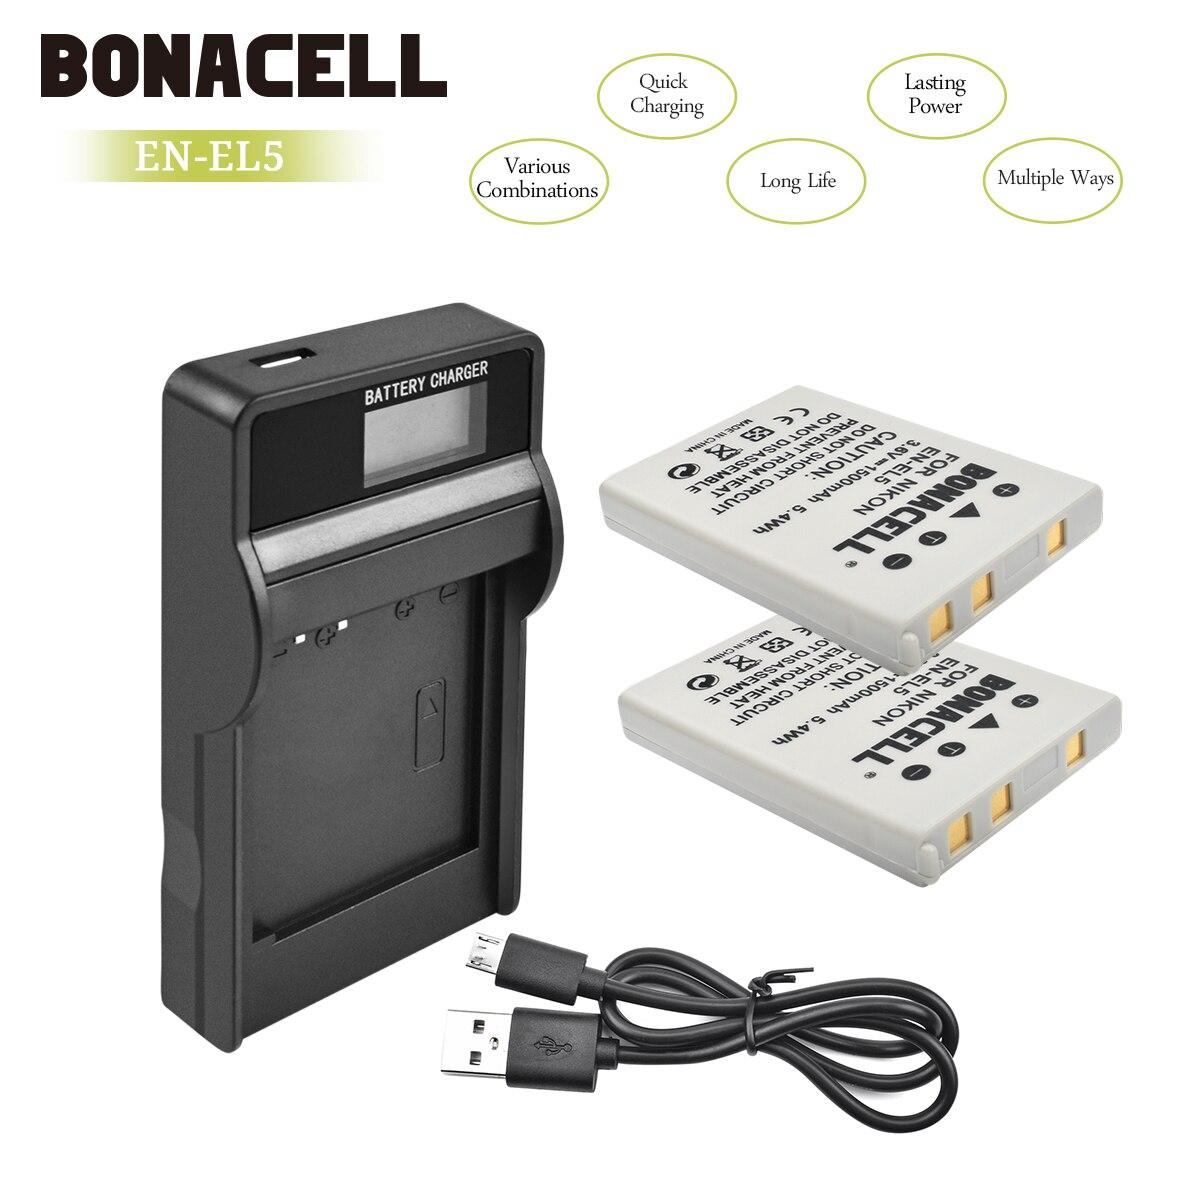 Bonacell 1500 mAh EN-EL5 de batería de la cámara Digital LCD + cargador para Nikon Coolpix P4 P80 P90 P100 P500 P510 P520 p530 P5000 P5100 L10